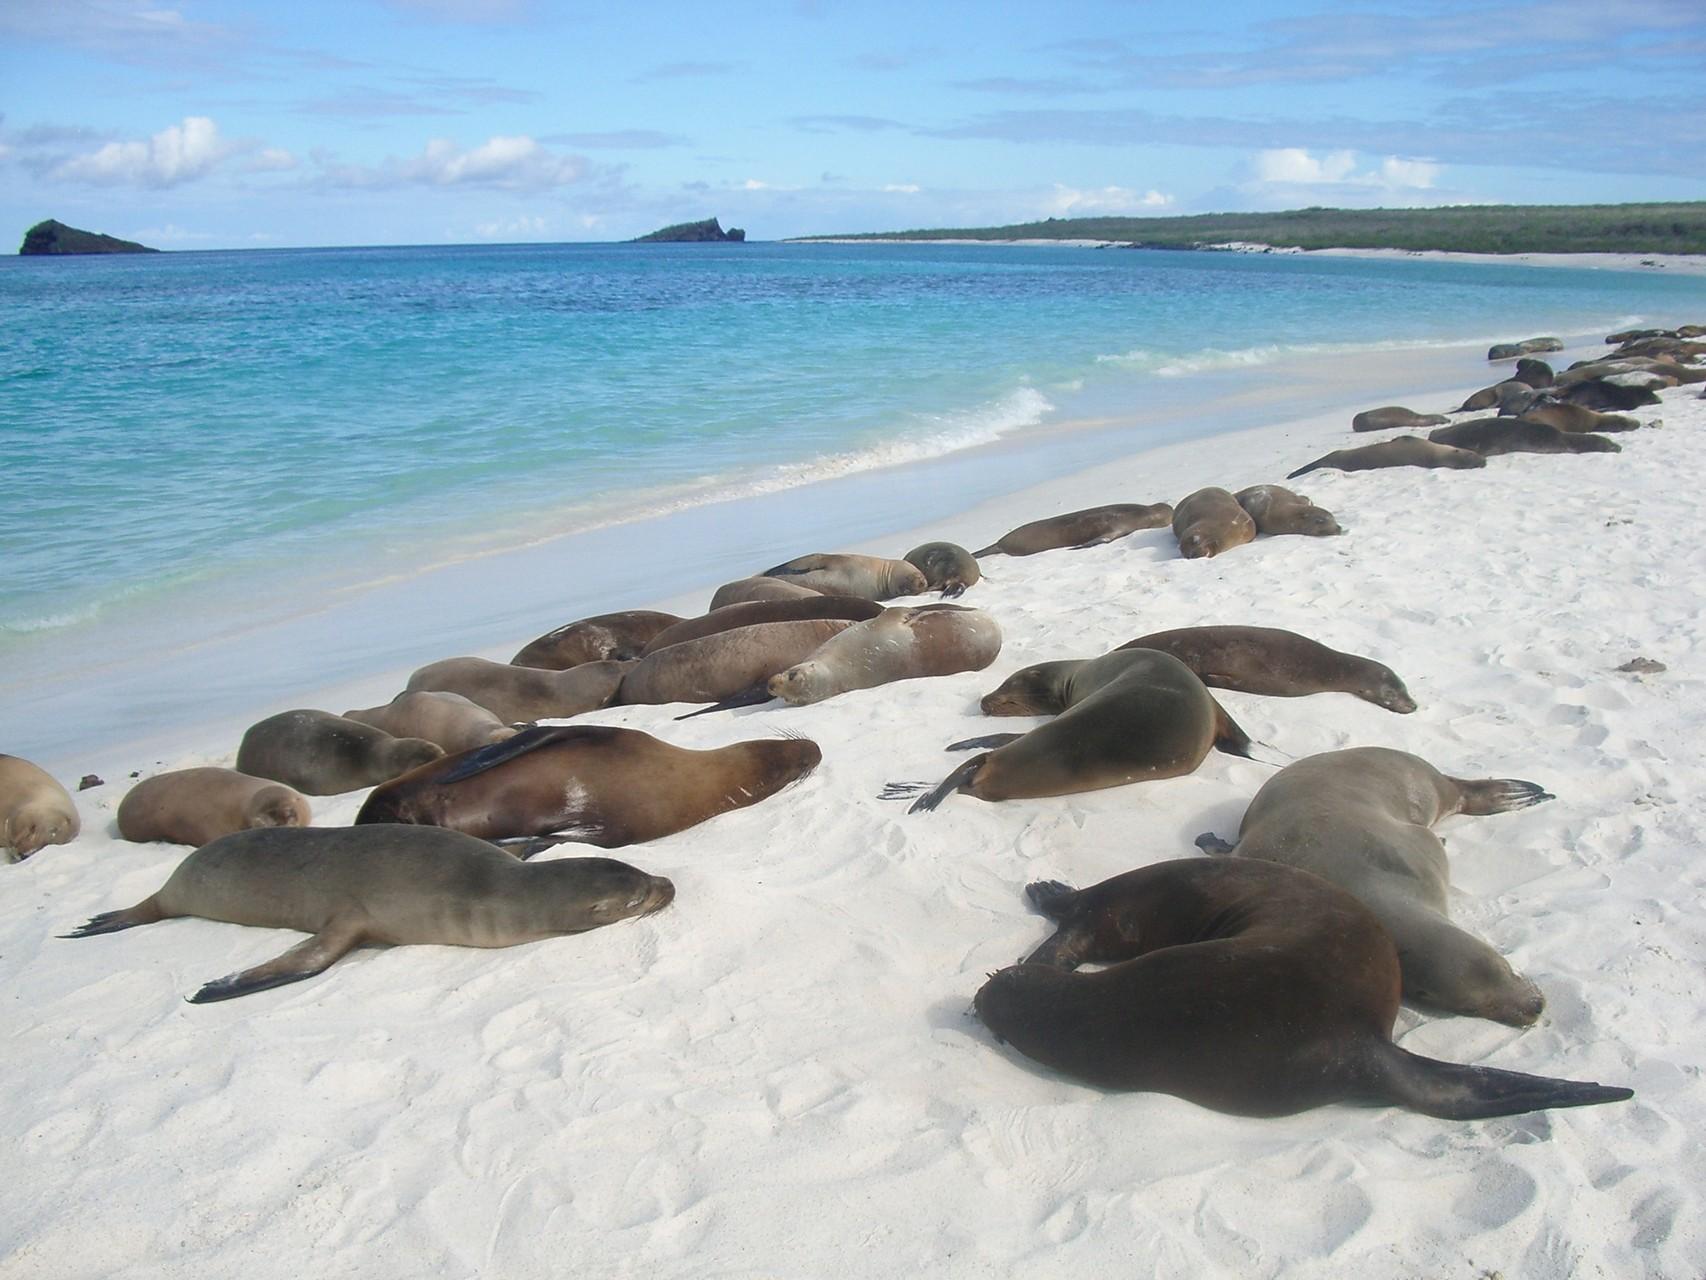 Galápagos Inseln: Seelöwen auf der Insel Española